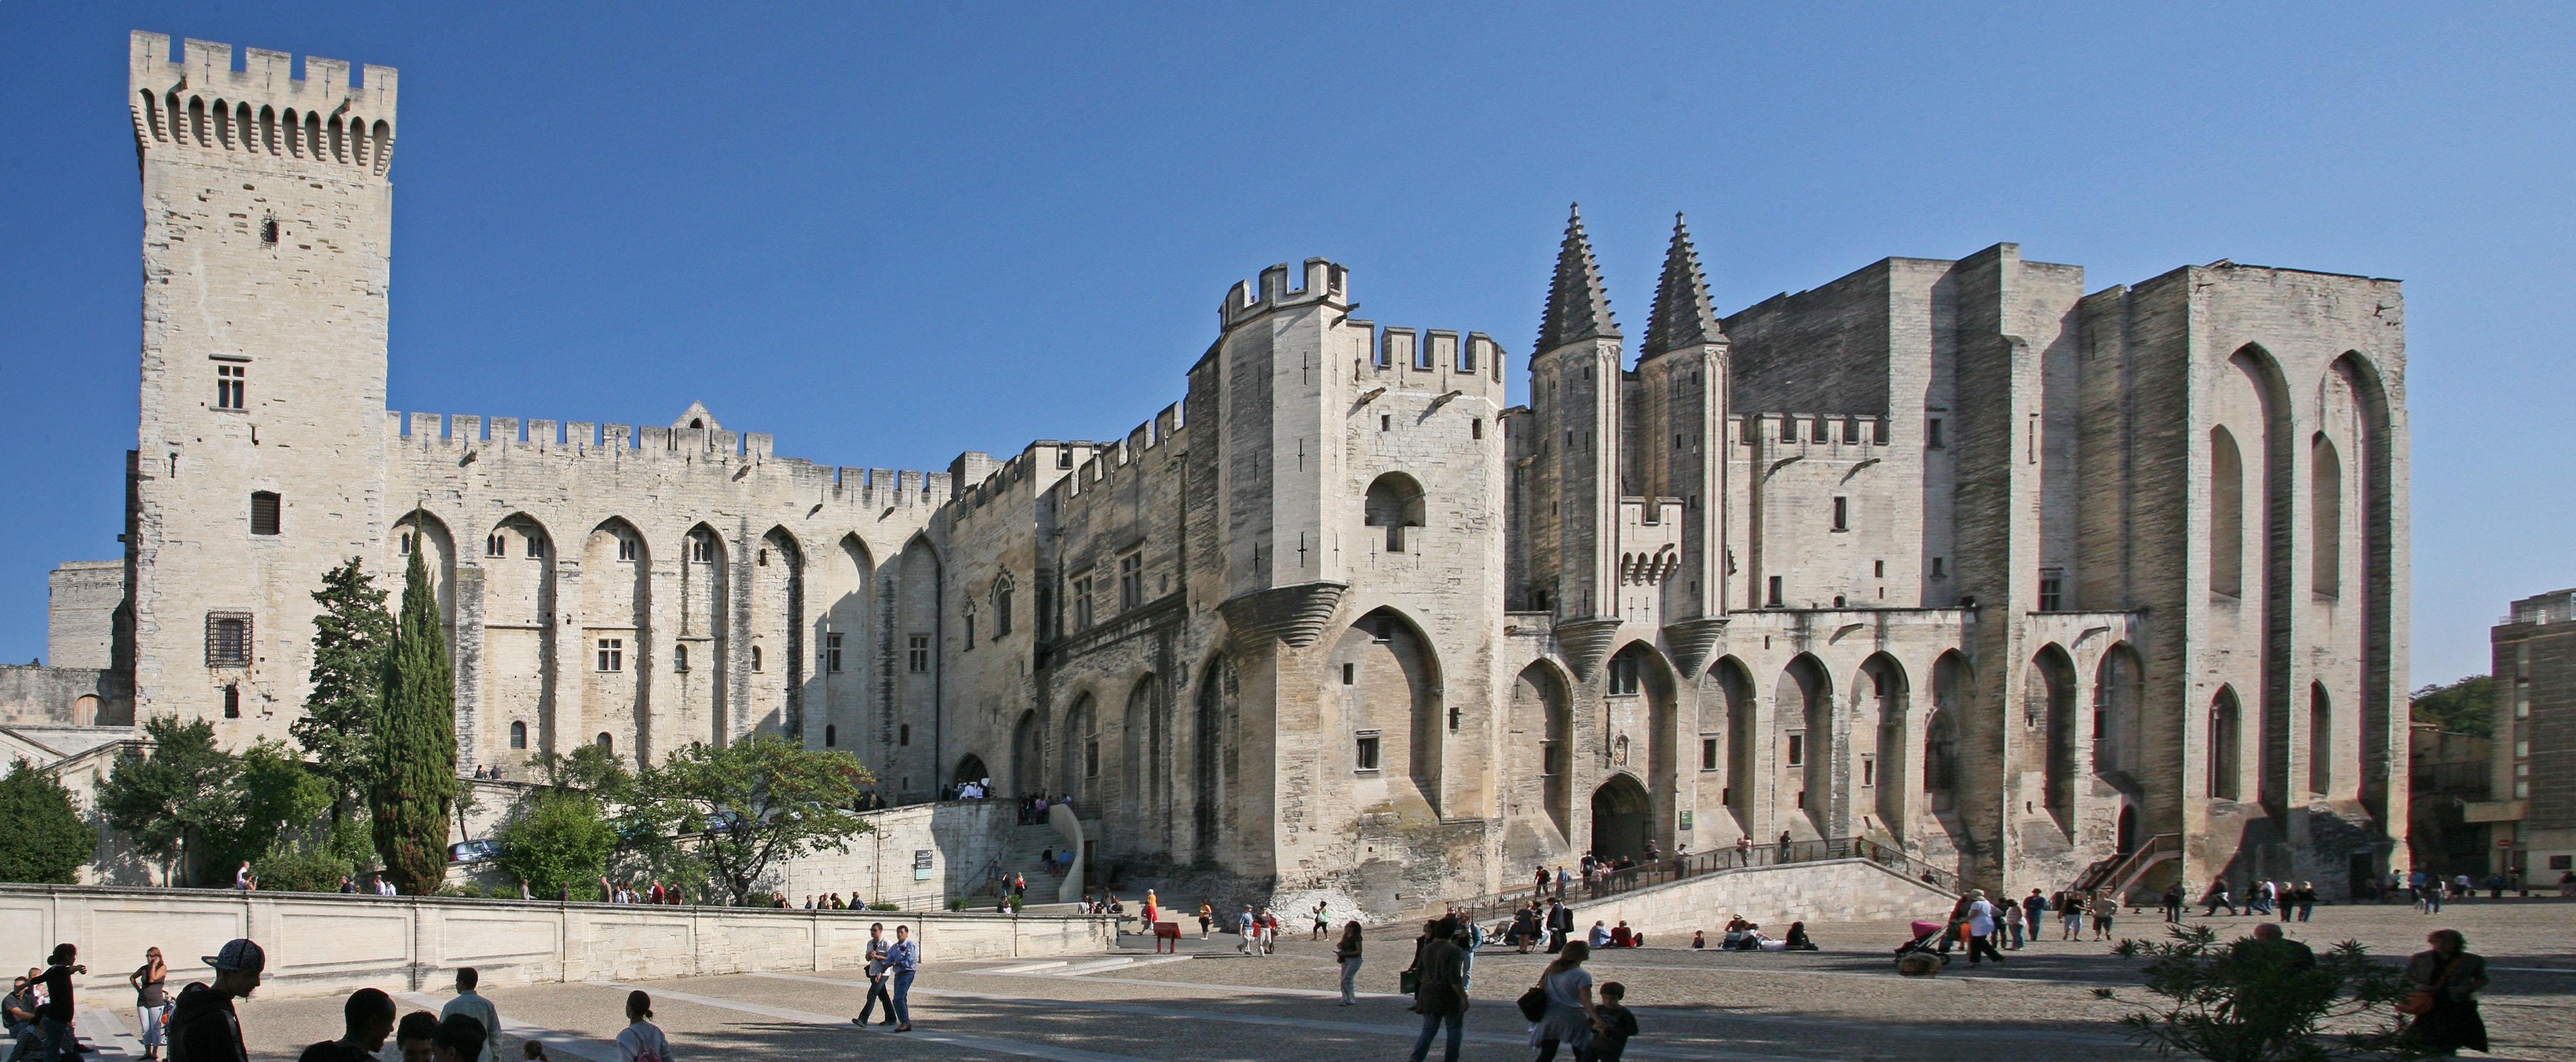 Itinerario enogastronomico ad Avignone